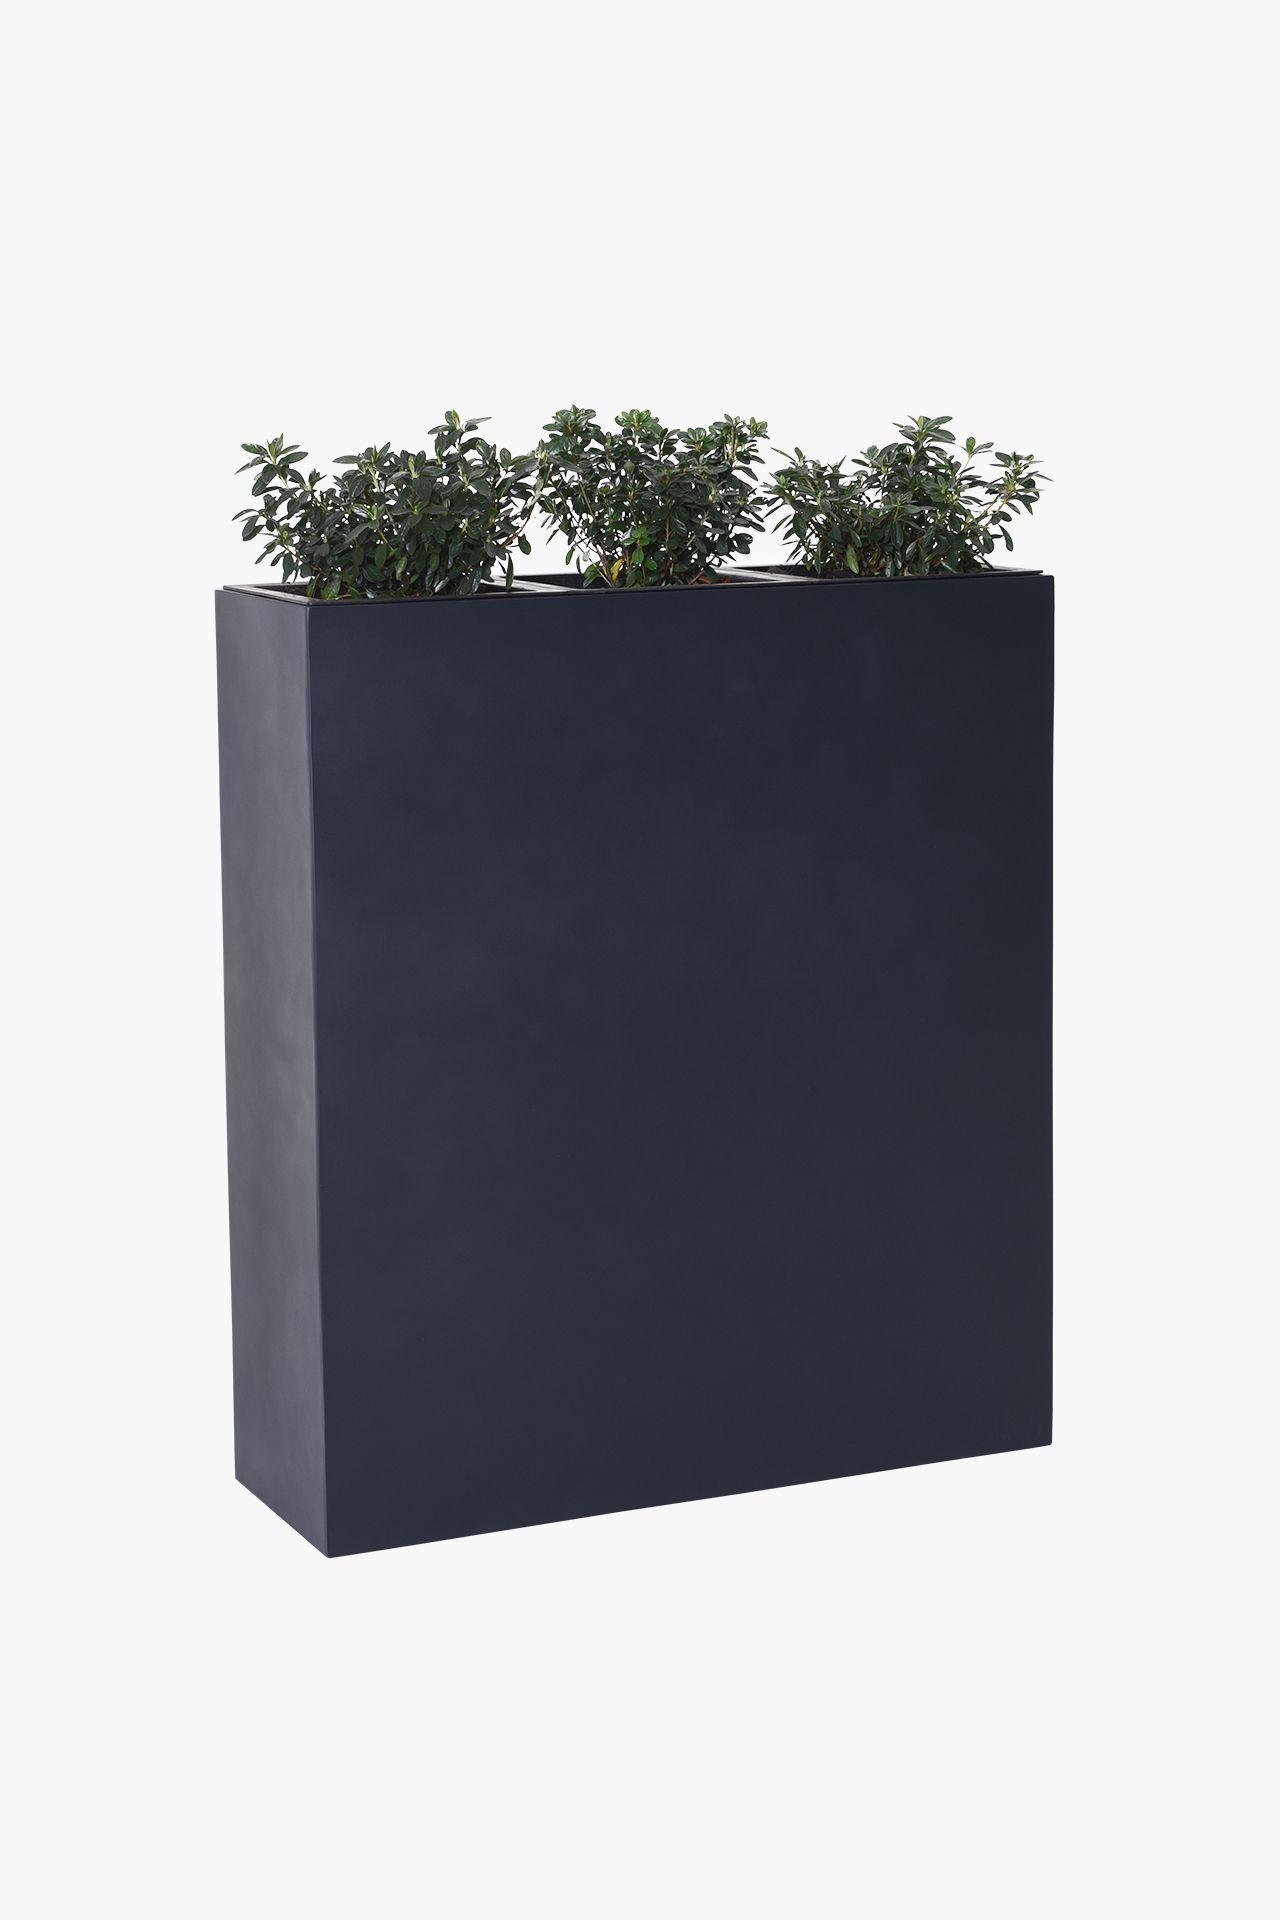 Elemento | Terrasse | Pflanzkübel, Fiberglas und Pflanzen